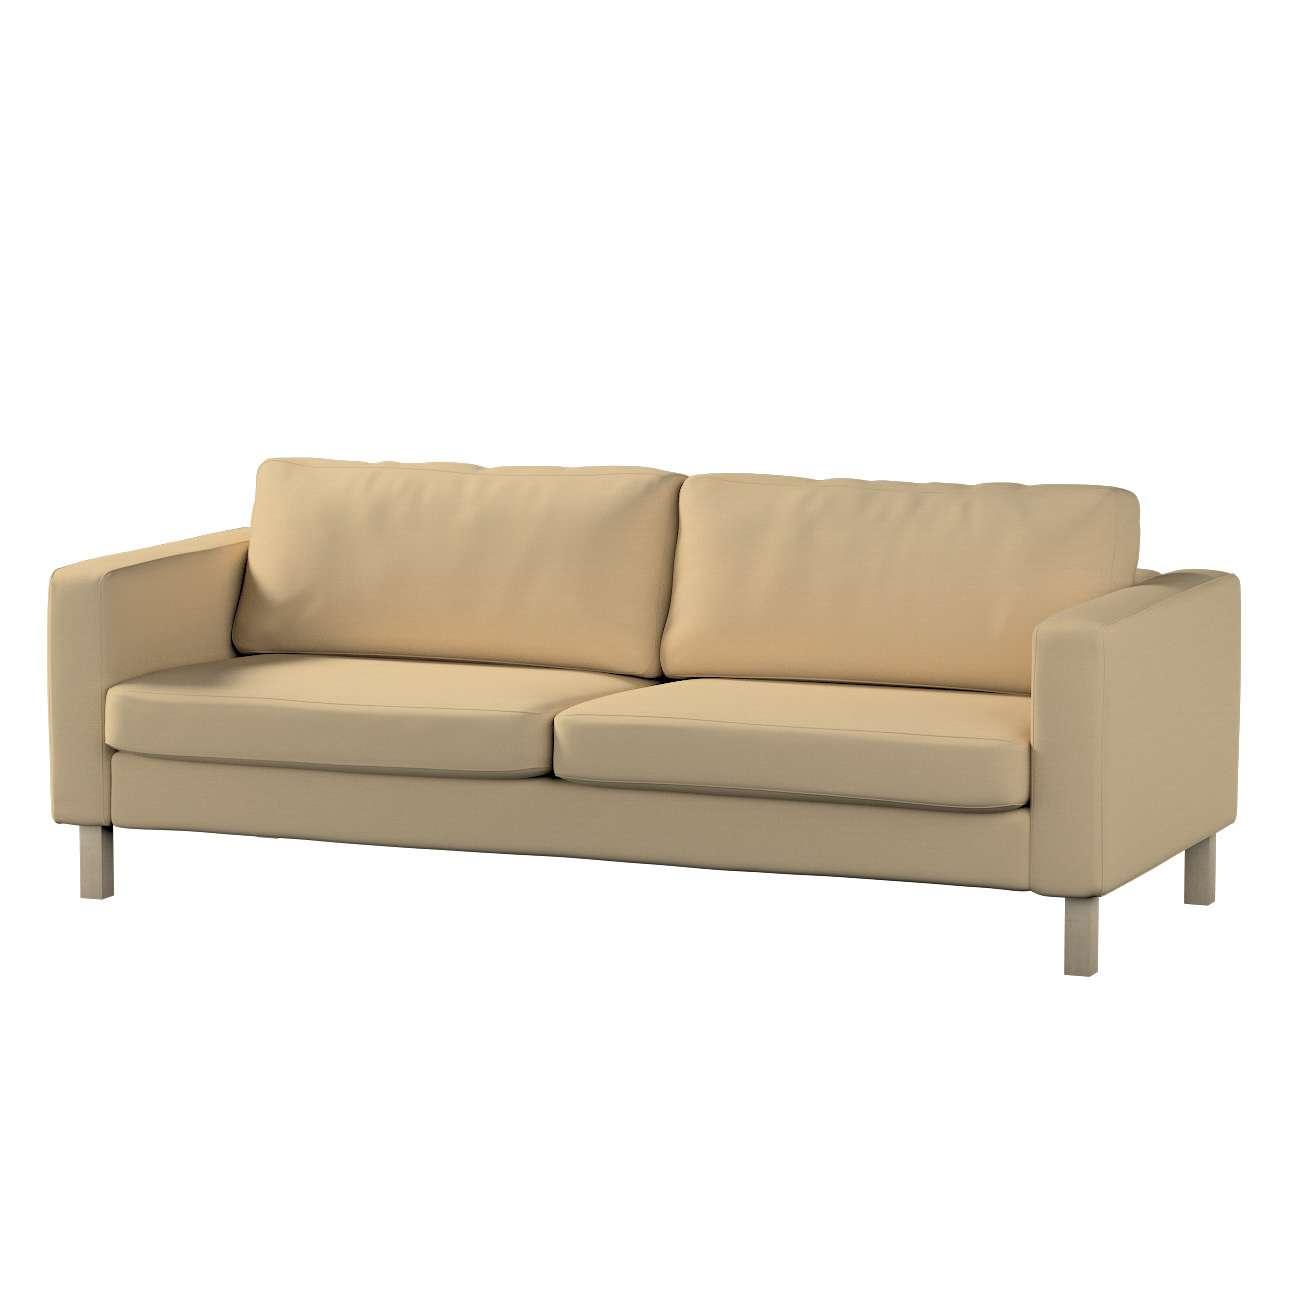 Karlstad sofos-lovos užvalkalas Karlstad trivietės sofos-lovos užvalkalas (išlankstomai sofai) kolekcijoje Cotton Panama, audinys: 702-01